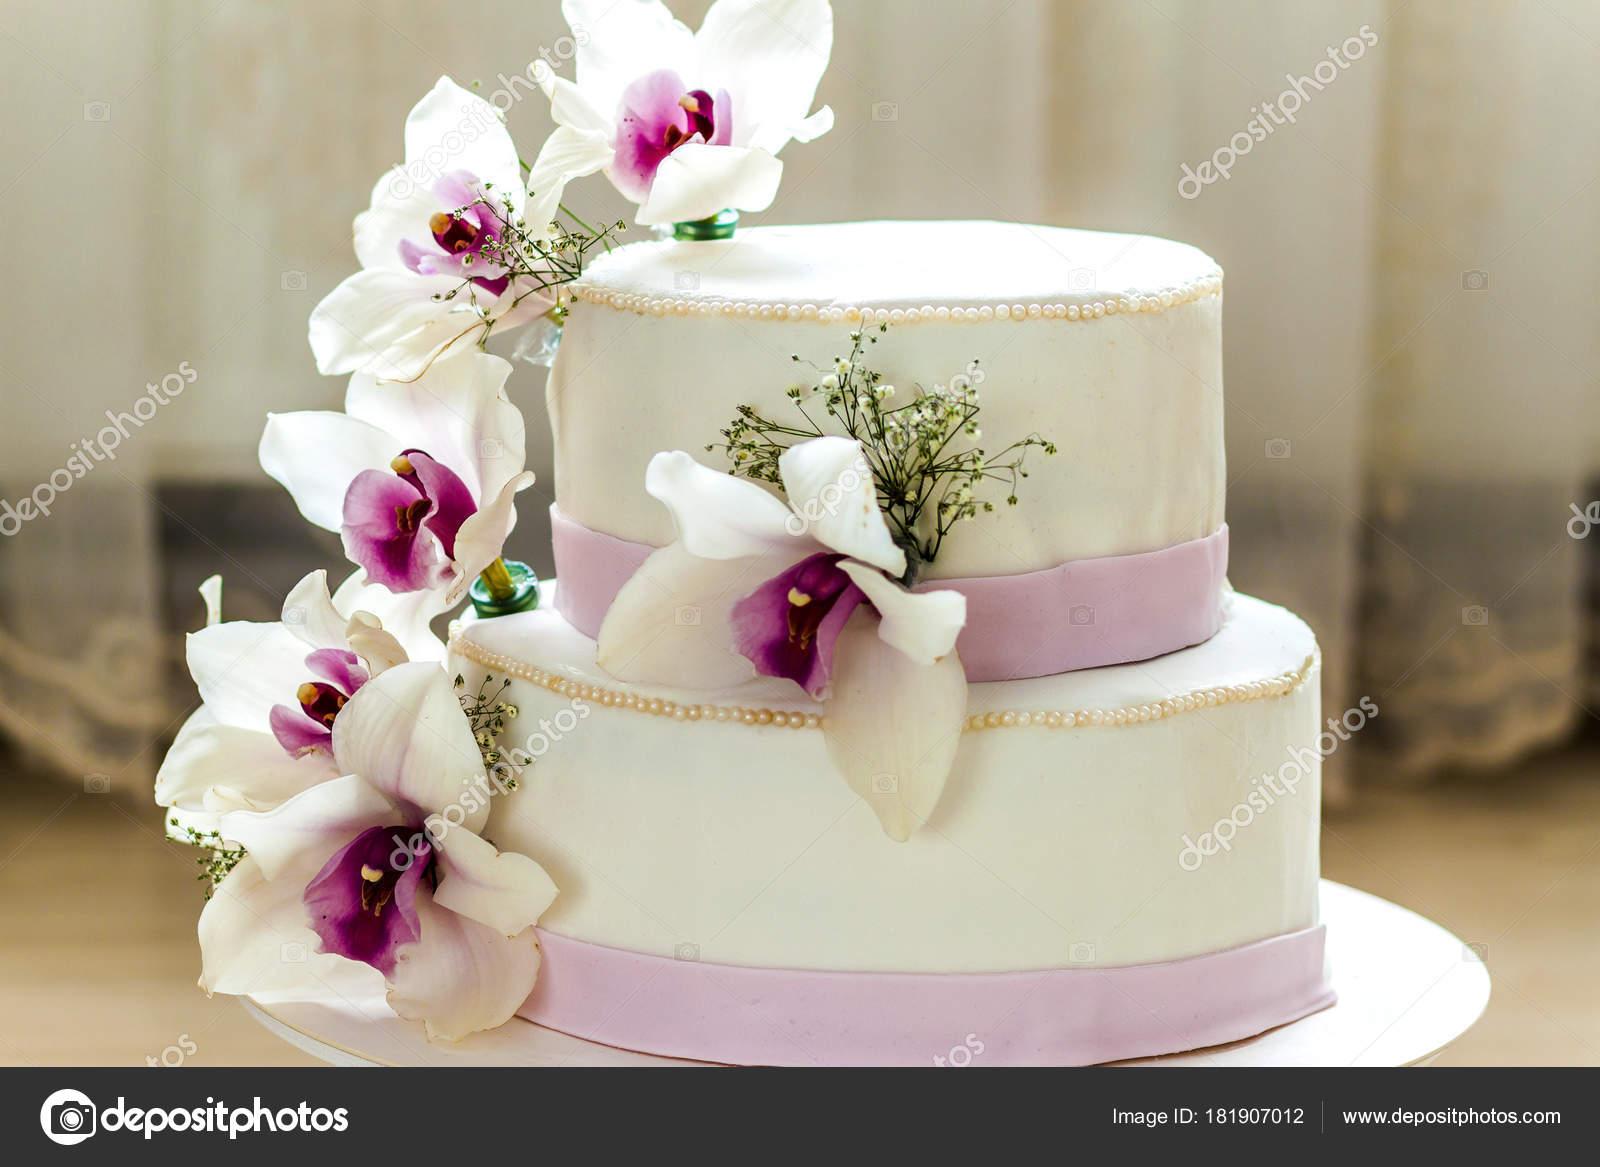 Pasteles De Boda Con Flores: Hermoso Pastel Bodas Con Flores Cerca Torta Con Fondo